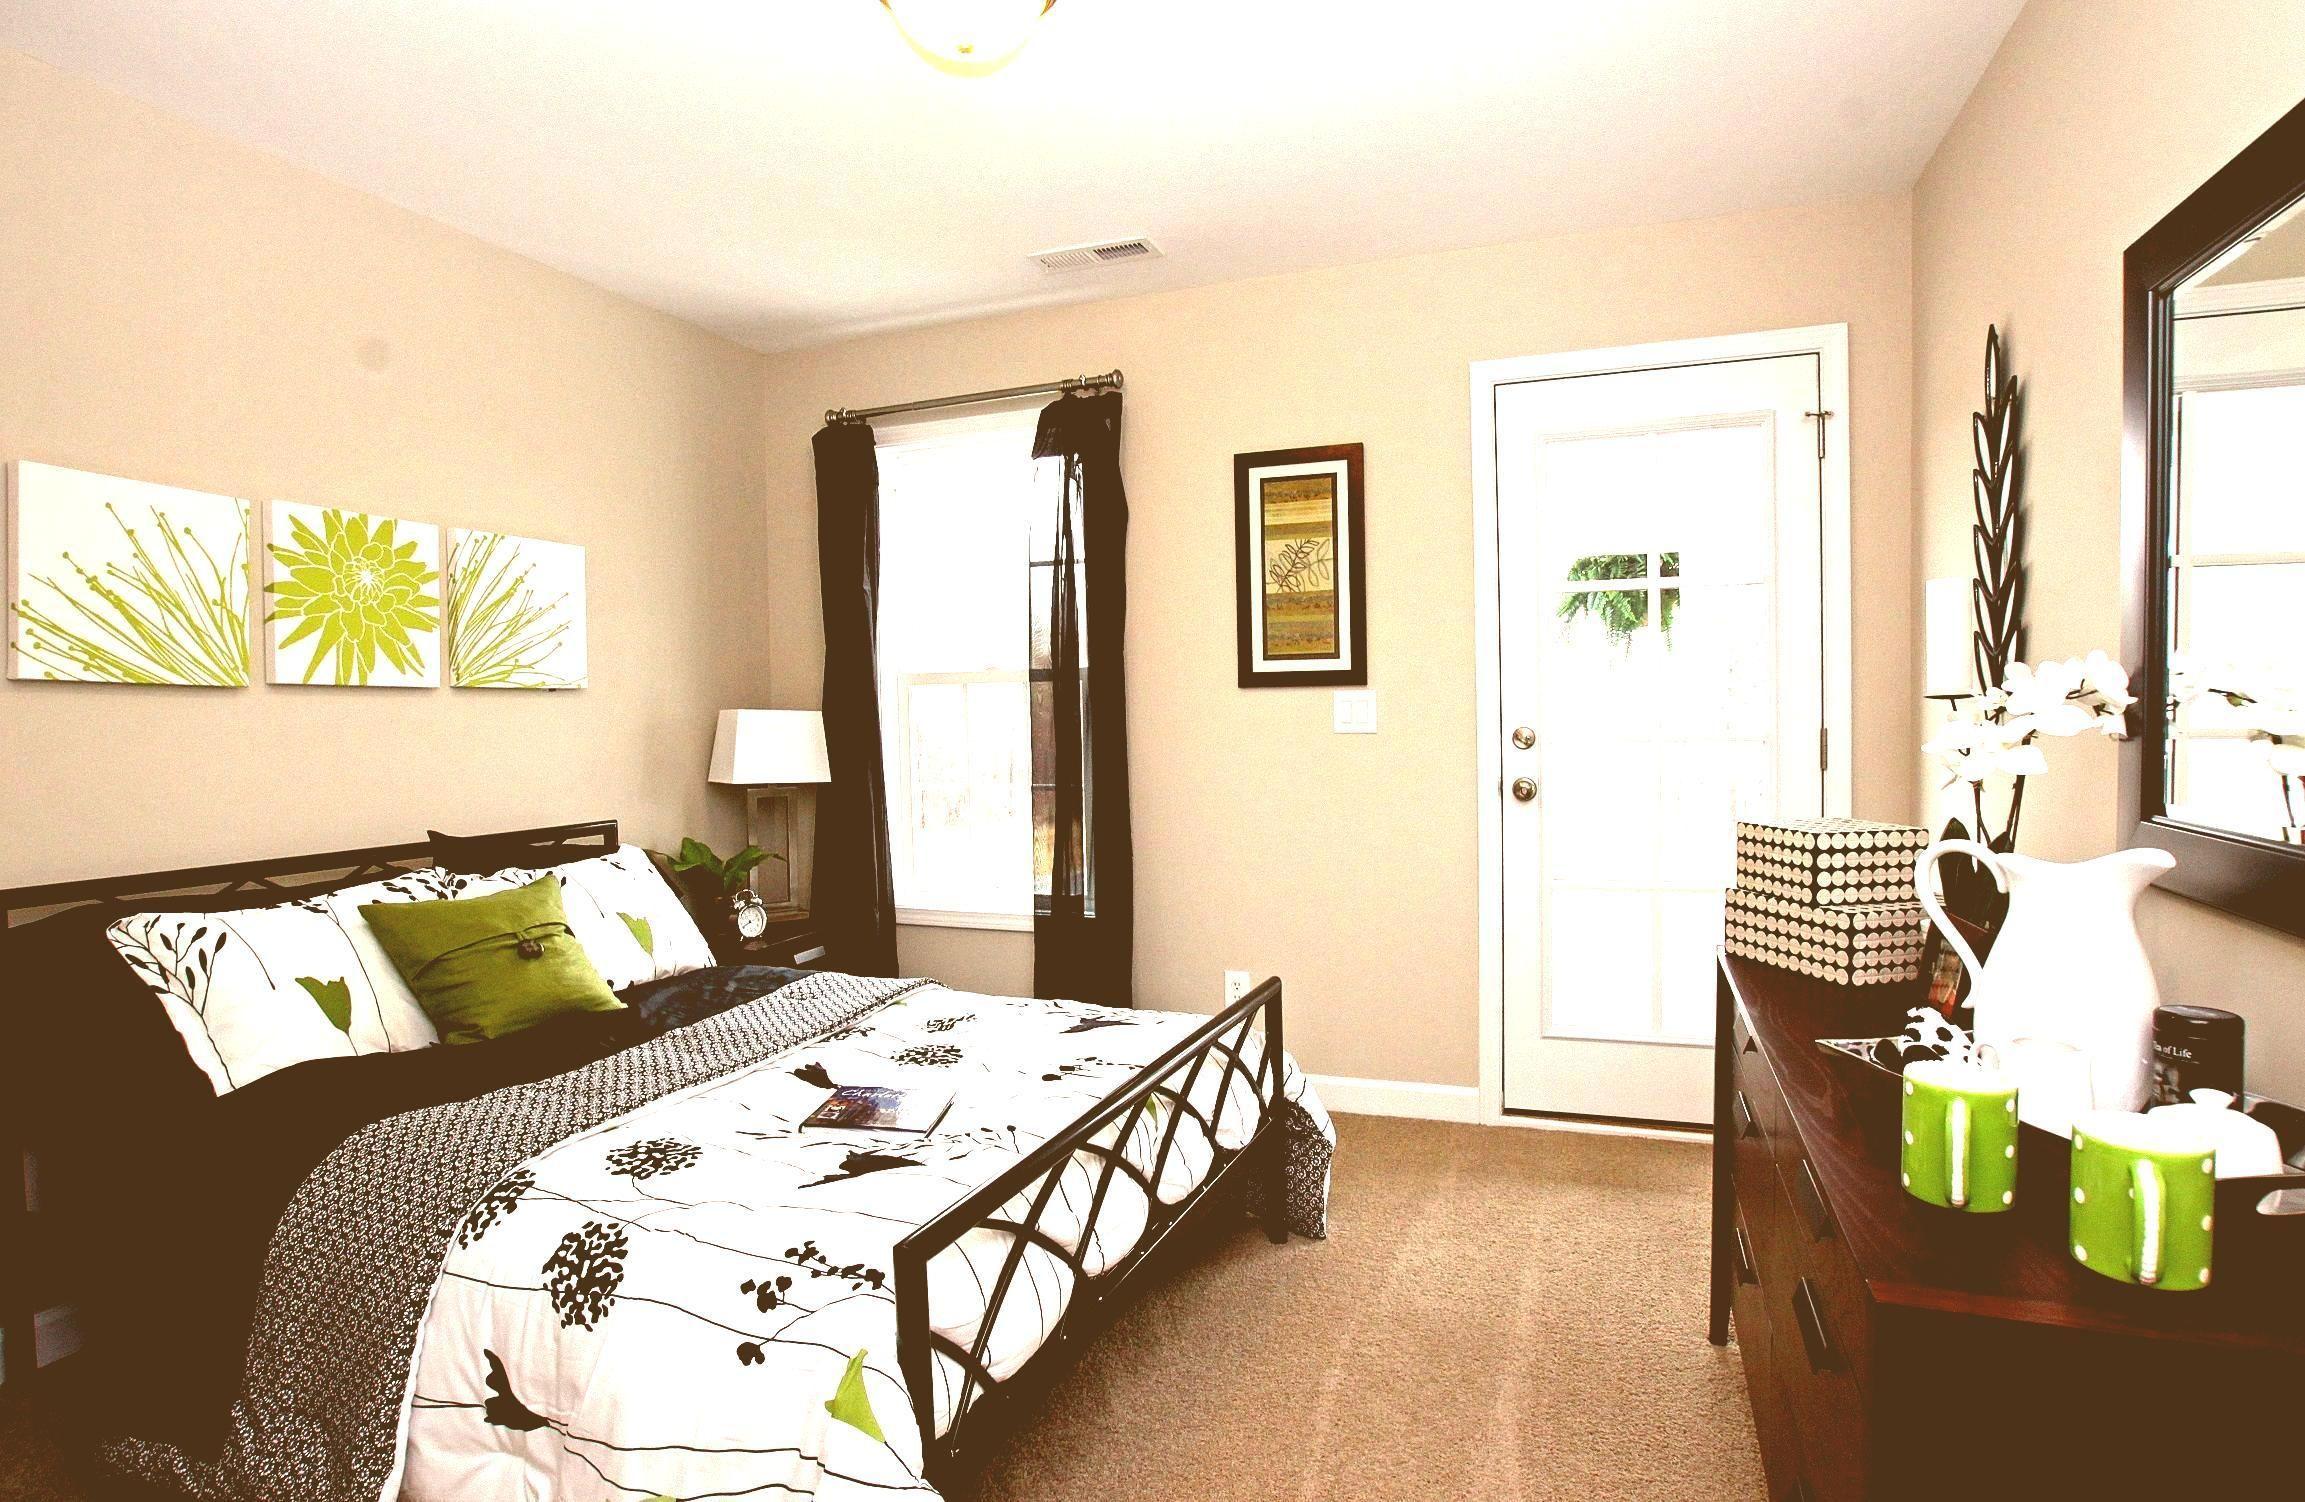 45 Relaxing Master Bedroom Ideas Modern https://silahsilah ...